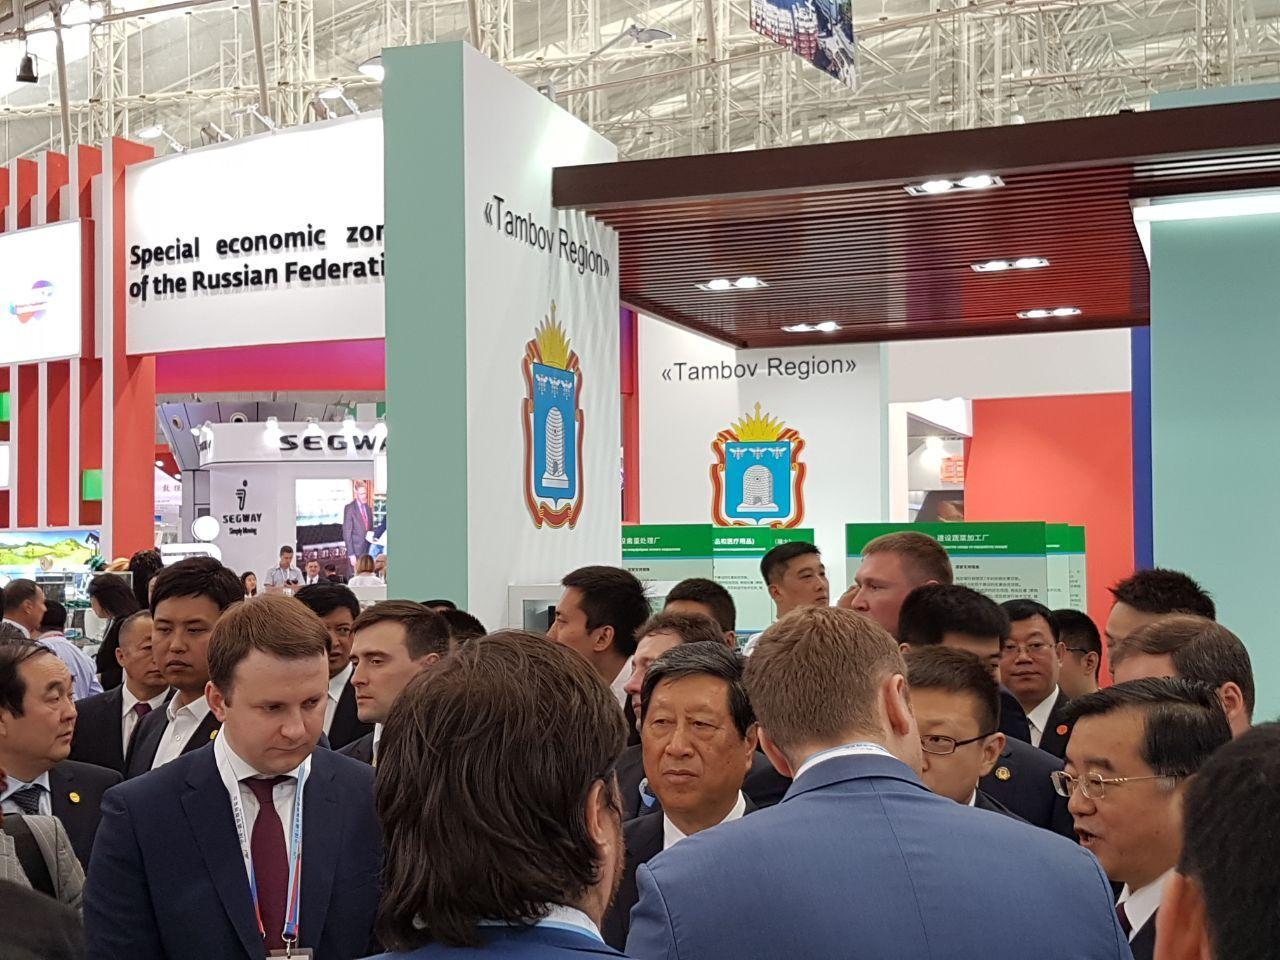 Тамбовская область участвует в российско-китайском диалоге